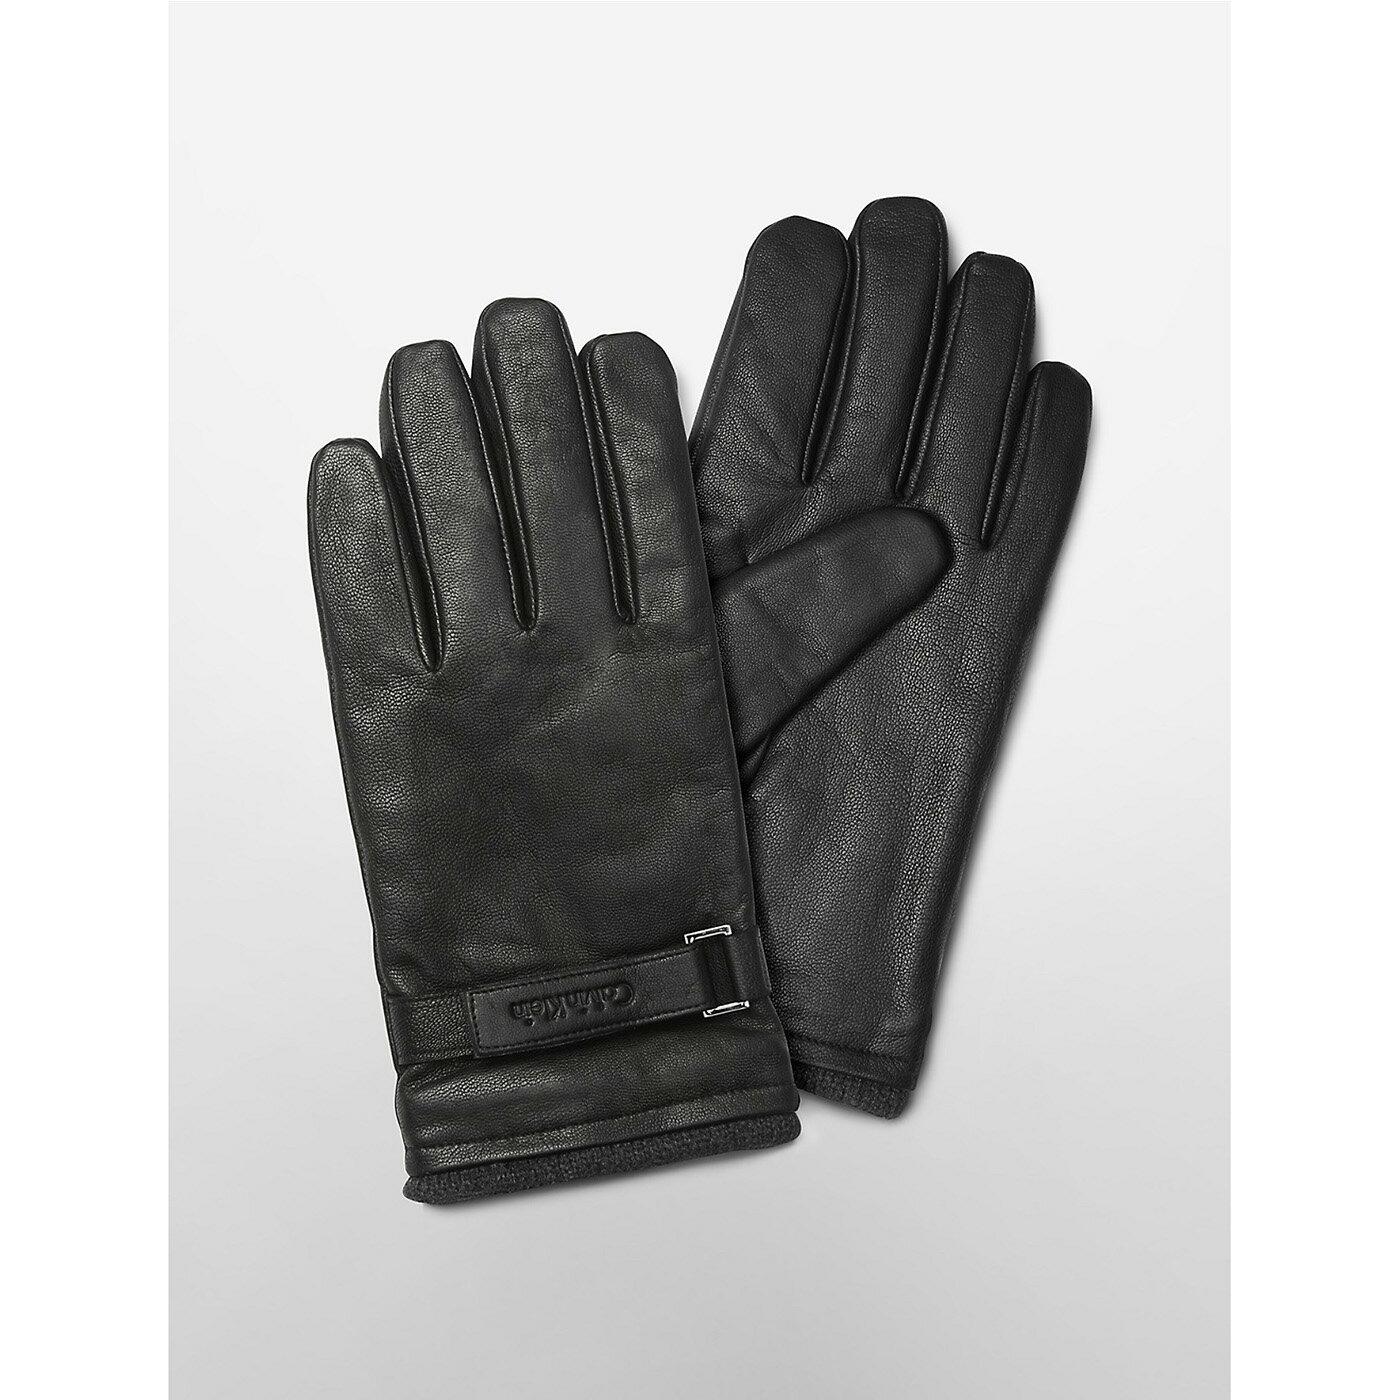 美國百分百【全新真品】Calvin Klein 手套 CK 防寒 保暖 皮質 皮手套 配件 騎士 男 黑 S號 F827